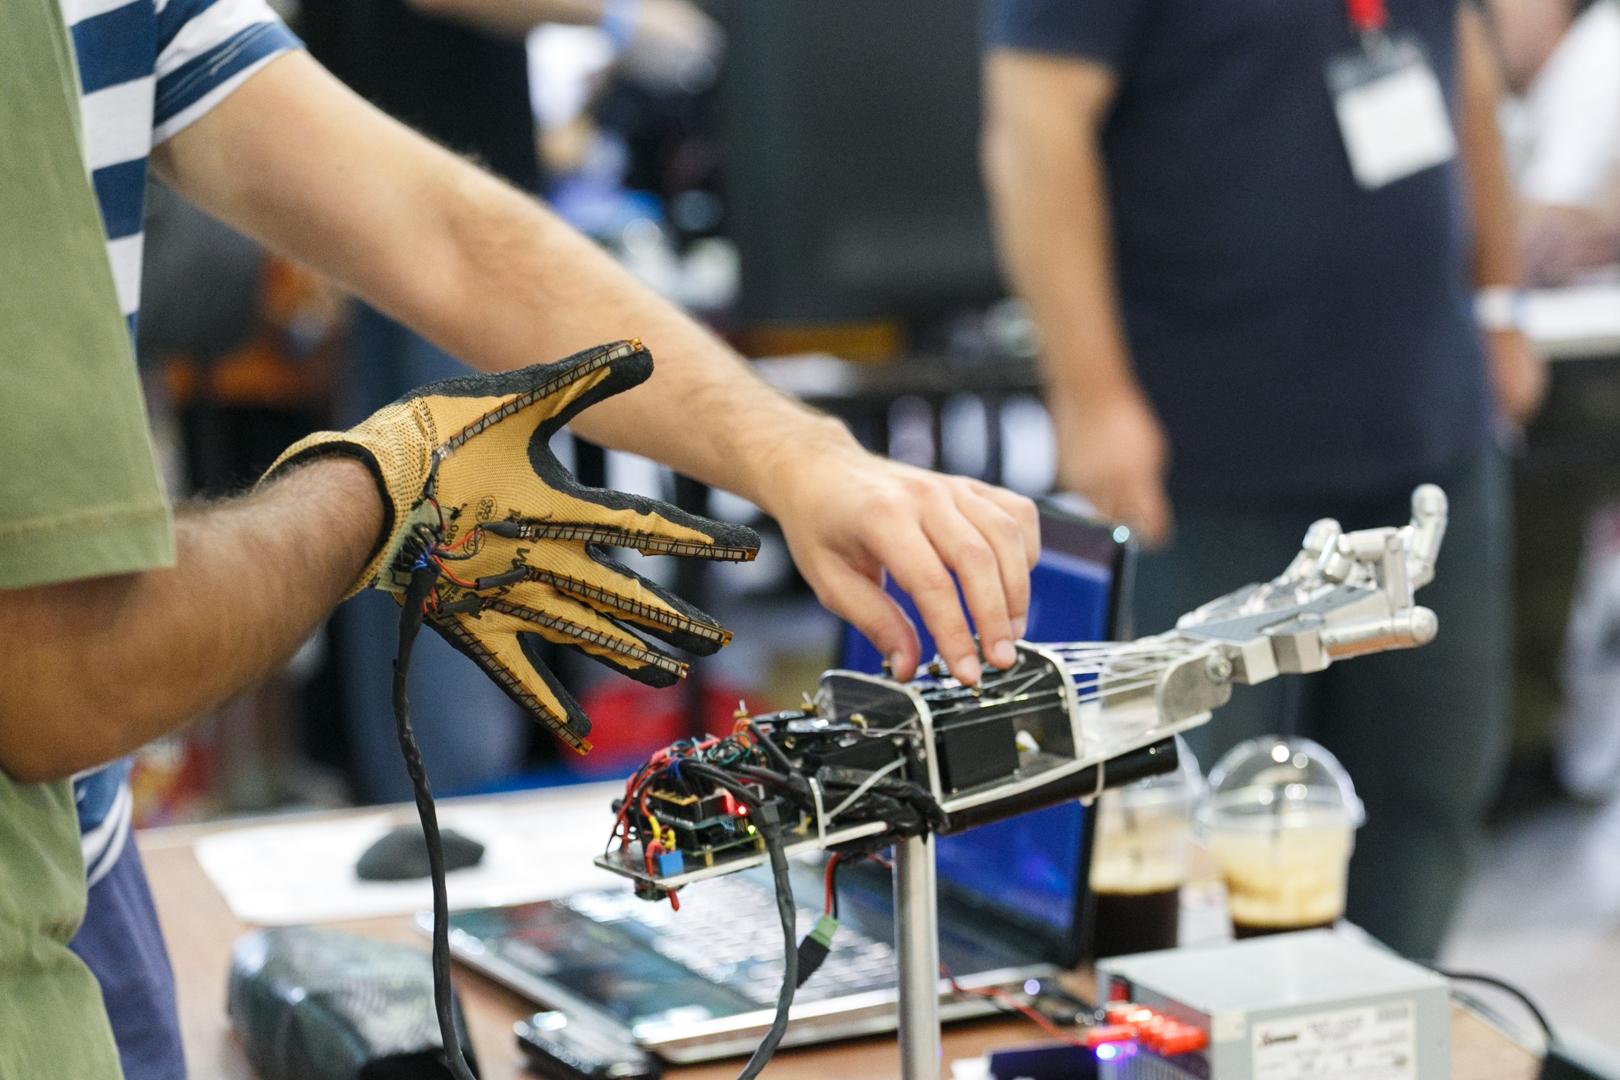 Athens Mini Maker Faire